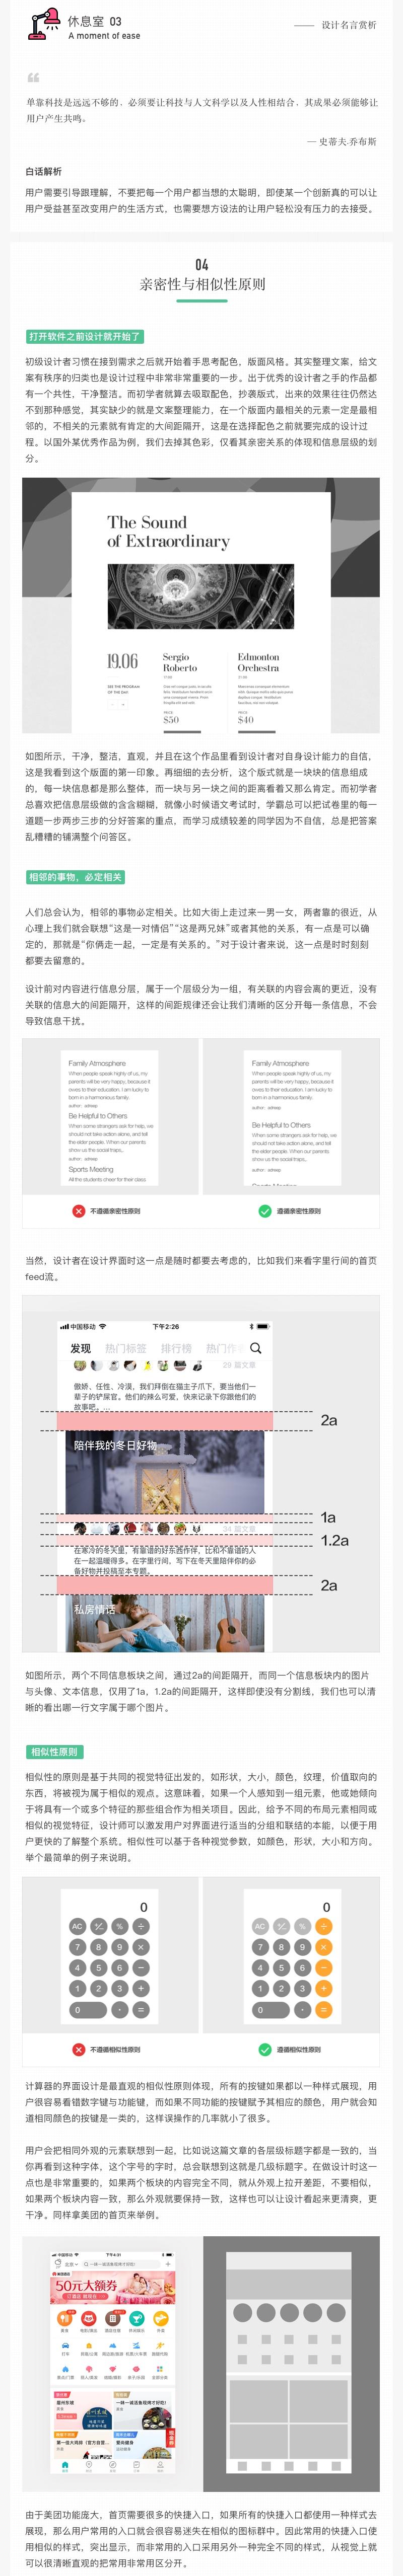 超全面!用户界面设计中的「版式设计」全方位指南